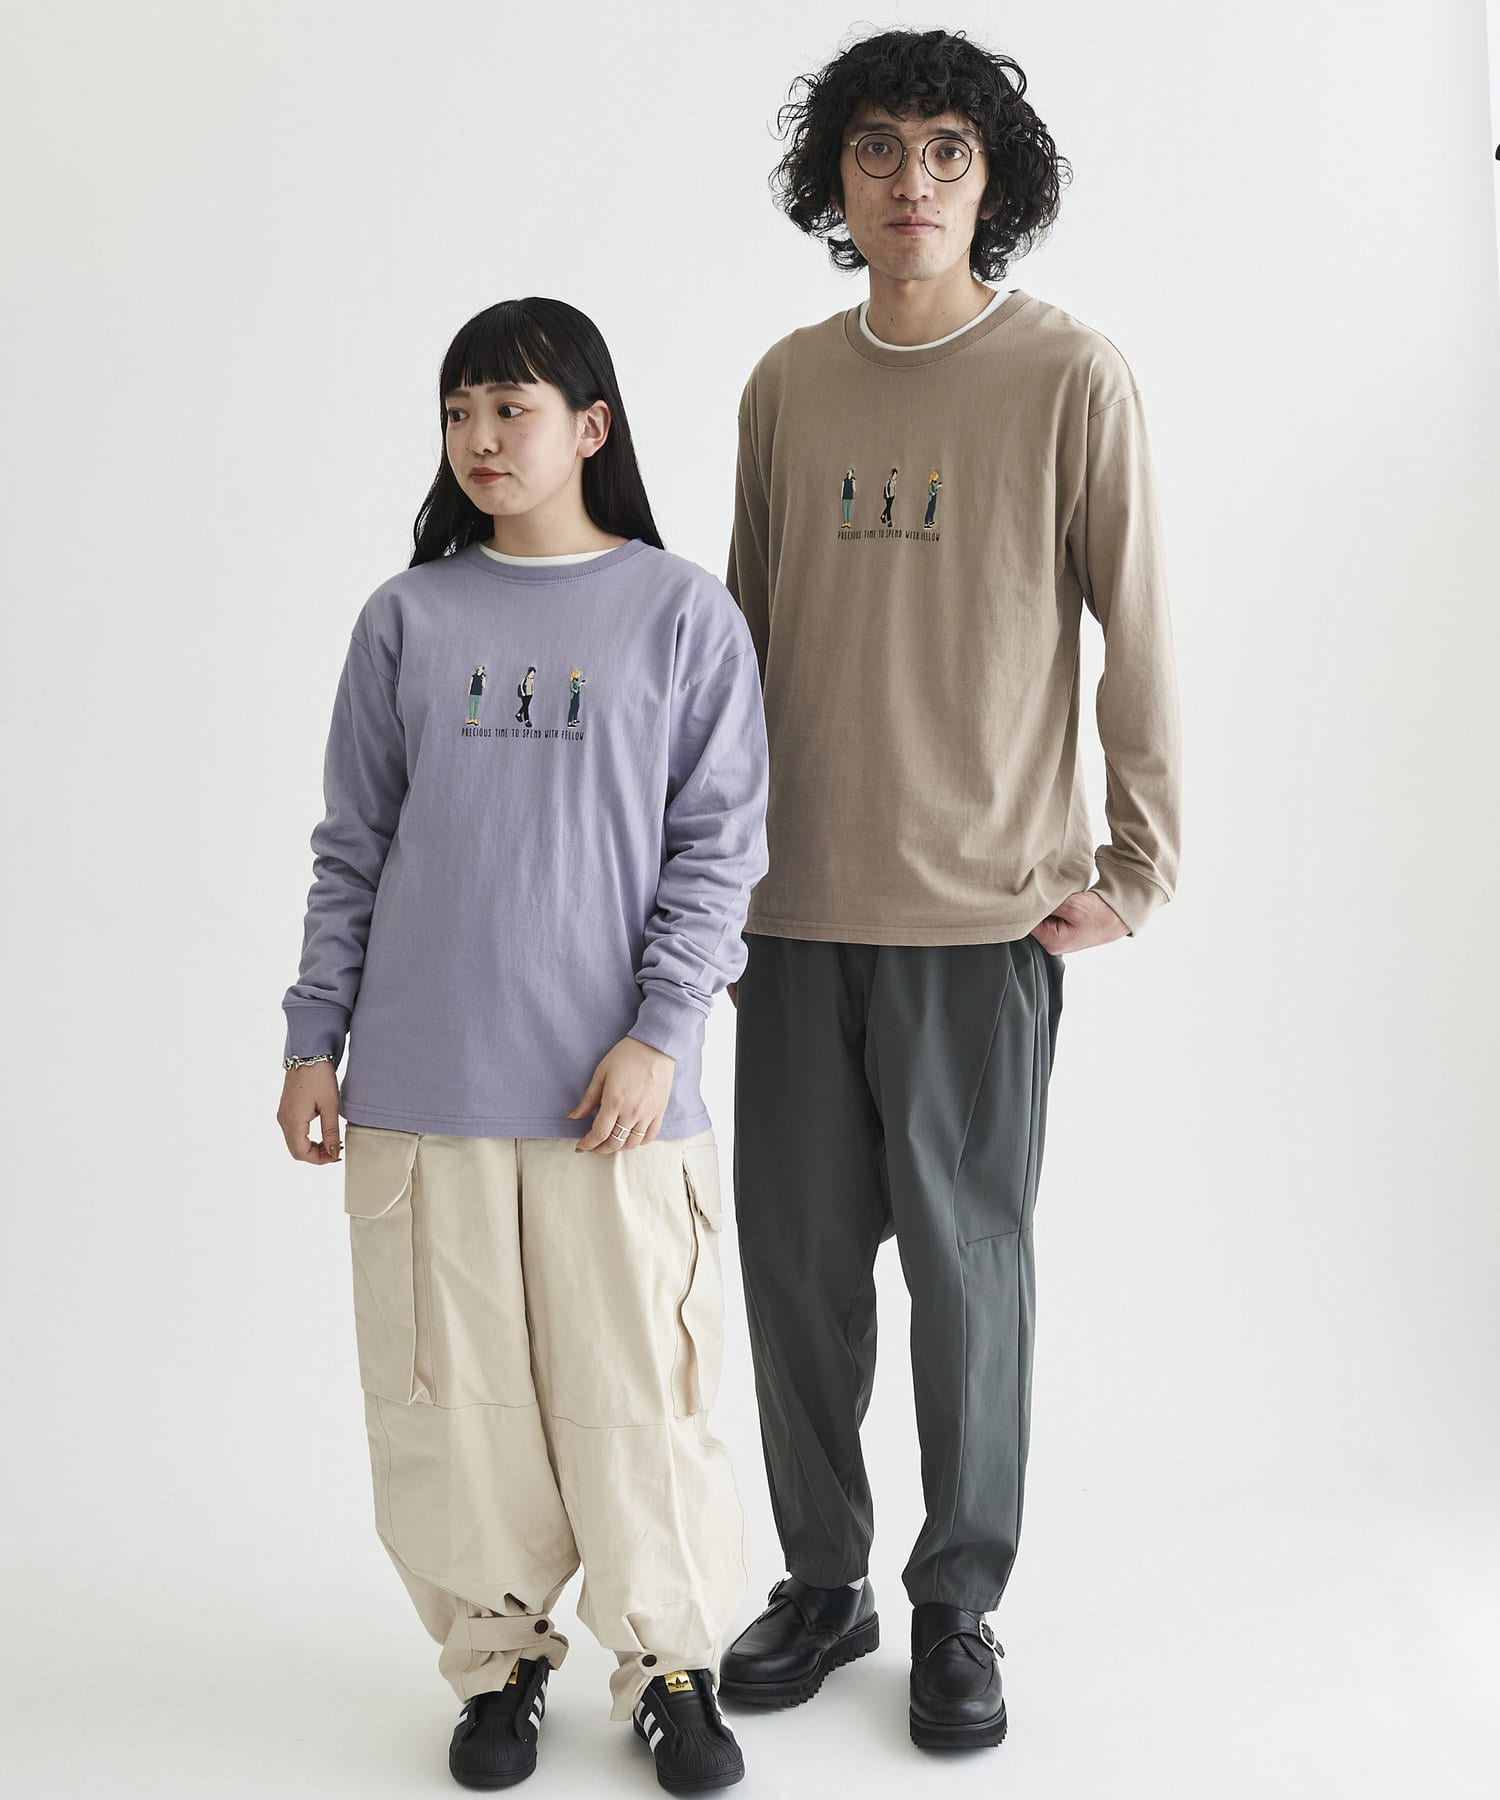 CPCM(シーピーシーエム) 【ユニセックスでおすすめ】人物刺繍 ロンT